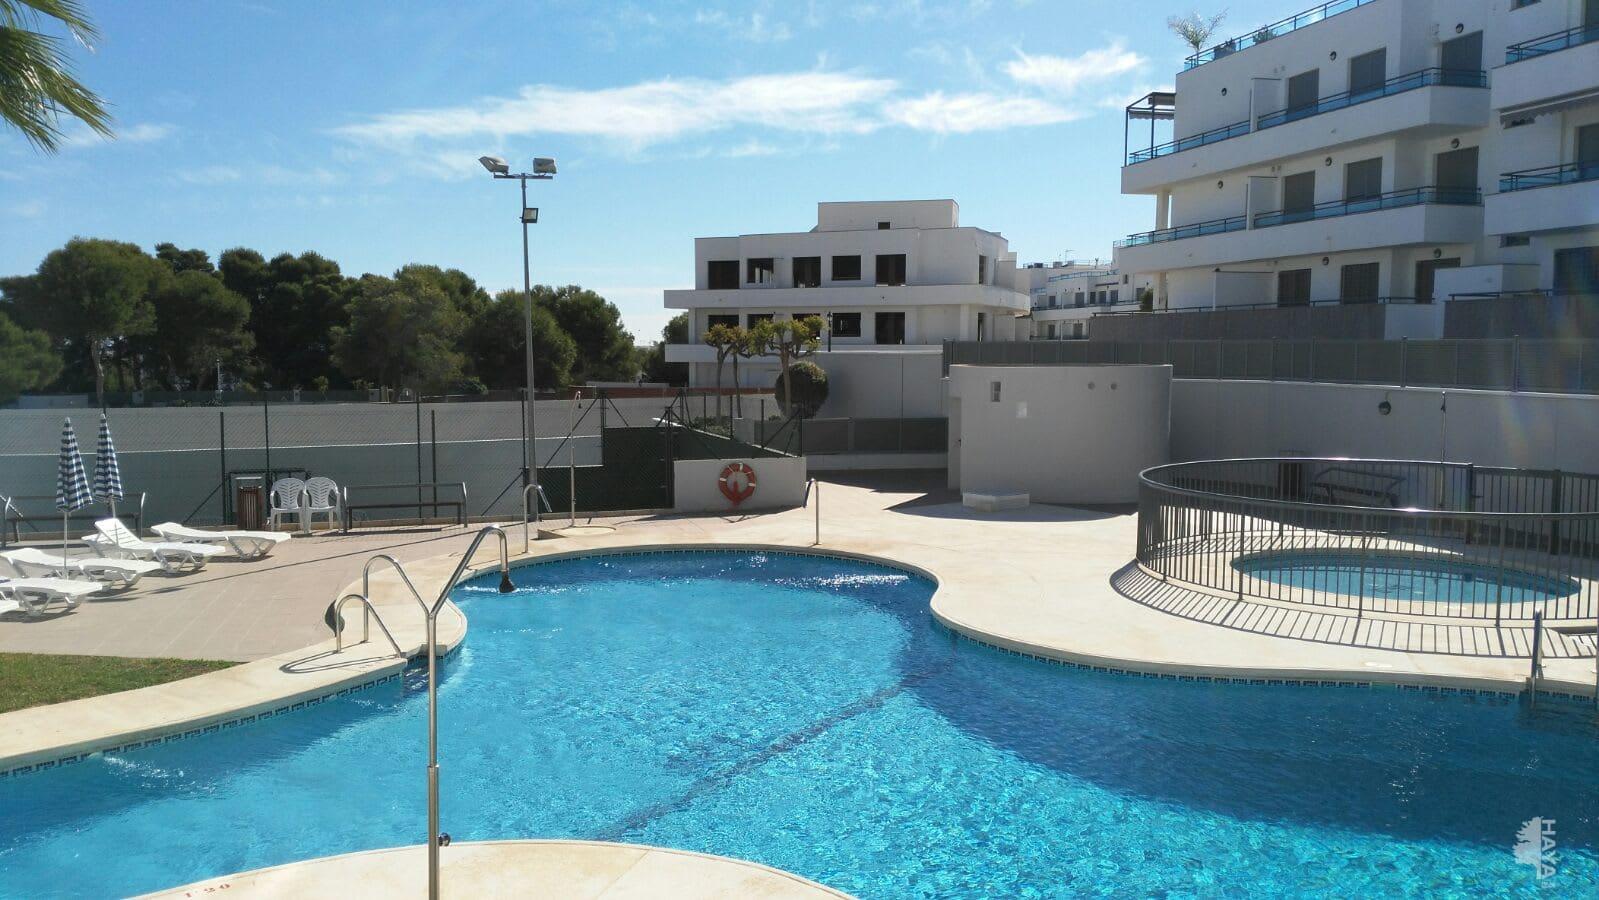 Piso en venta en Garrucha, Almería, Calle Murillo (pinar de Garrucha), B, 88.100 €, 2 habitaciones, 1 baño, 68 m2